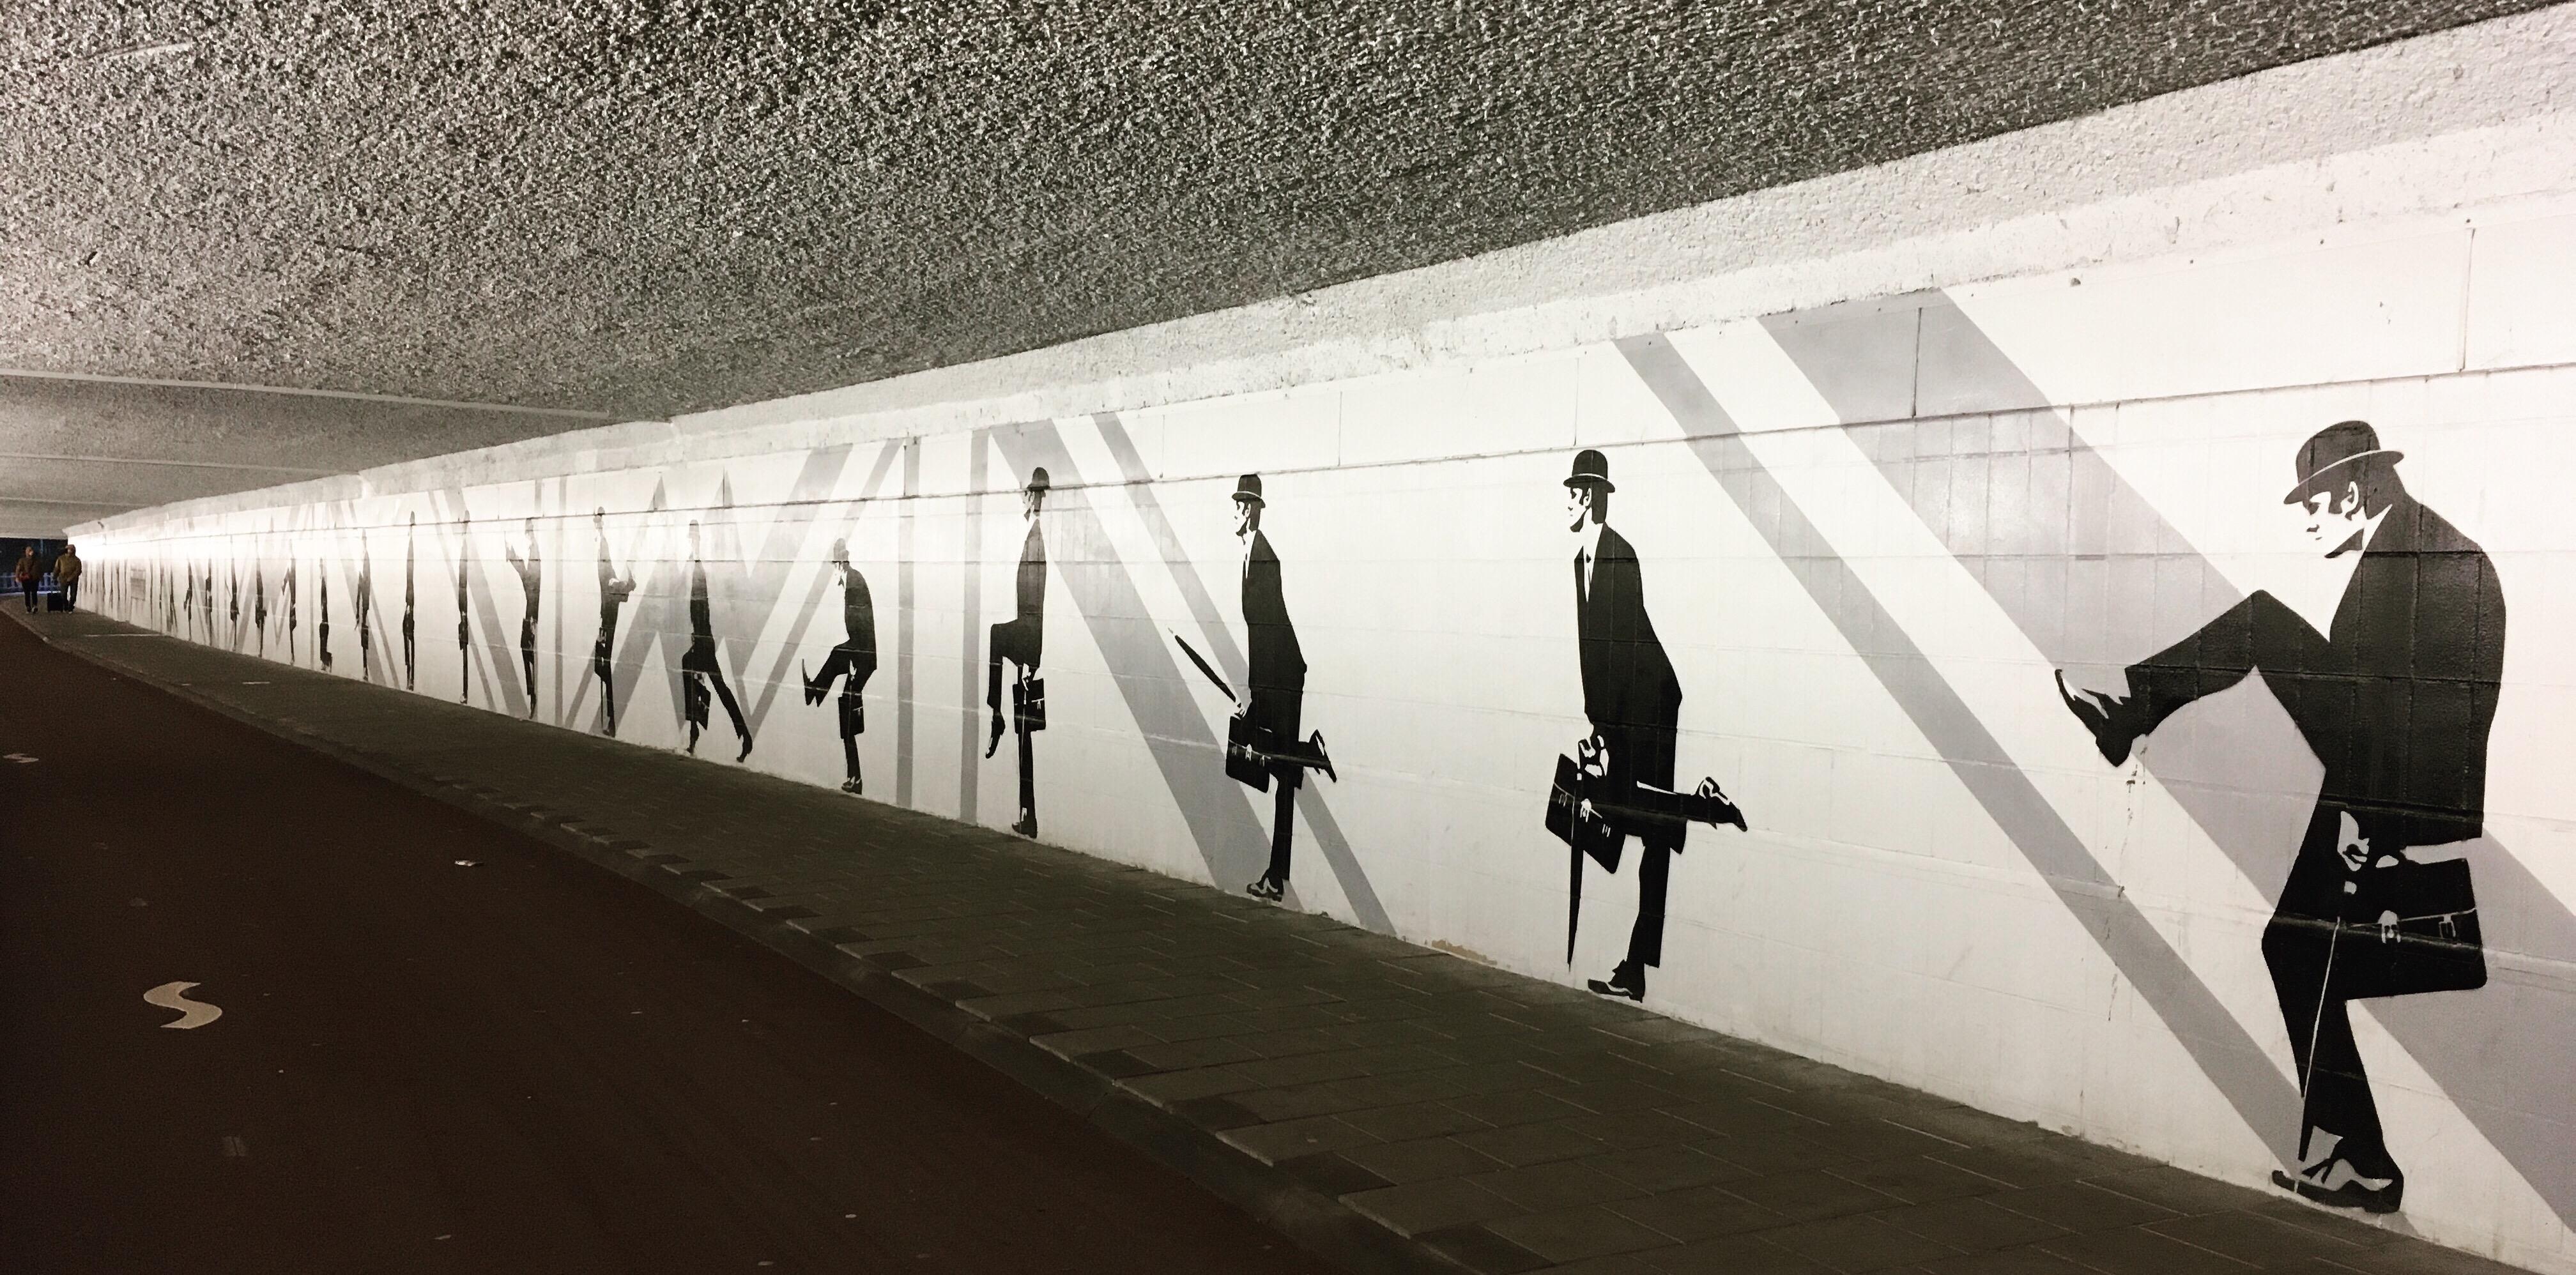 street art eindhoven silly walks john cleese monty python